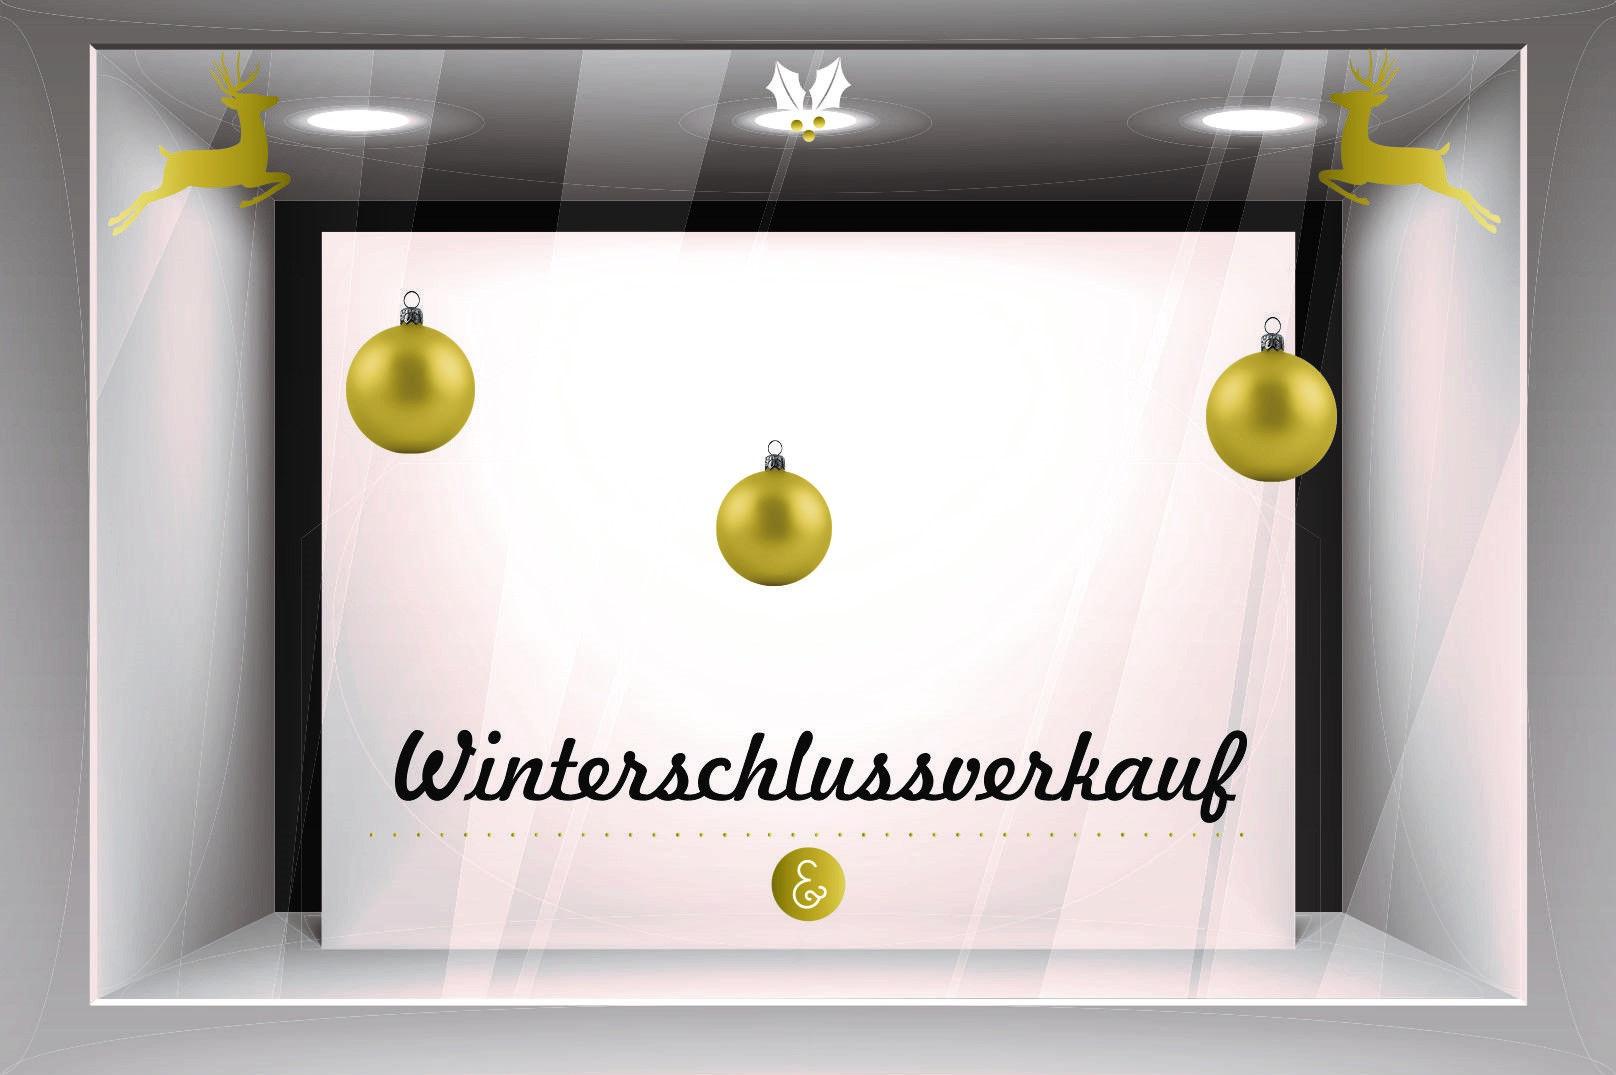 Großartig Schaufensterdekoration Beispiele Referenz Von Mit Attraktiver Durchs Weihnachtsgeschäft. Egal Ob Weihnachtliche